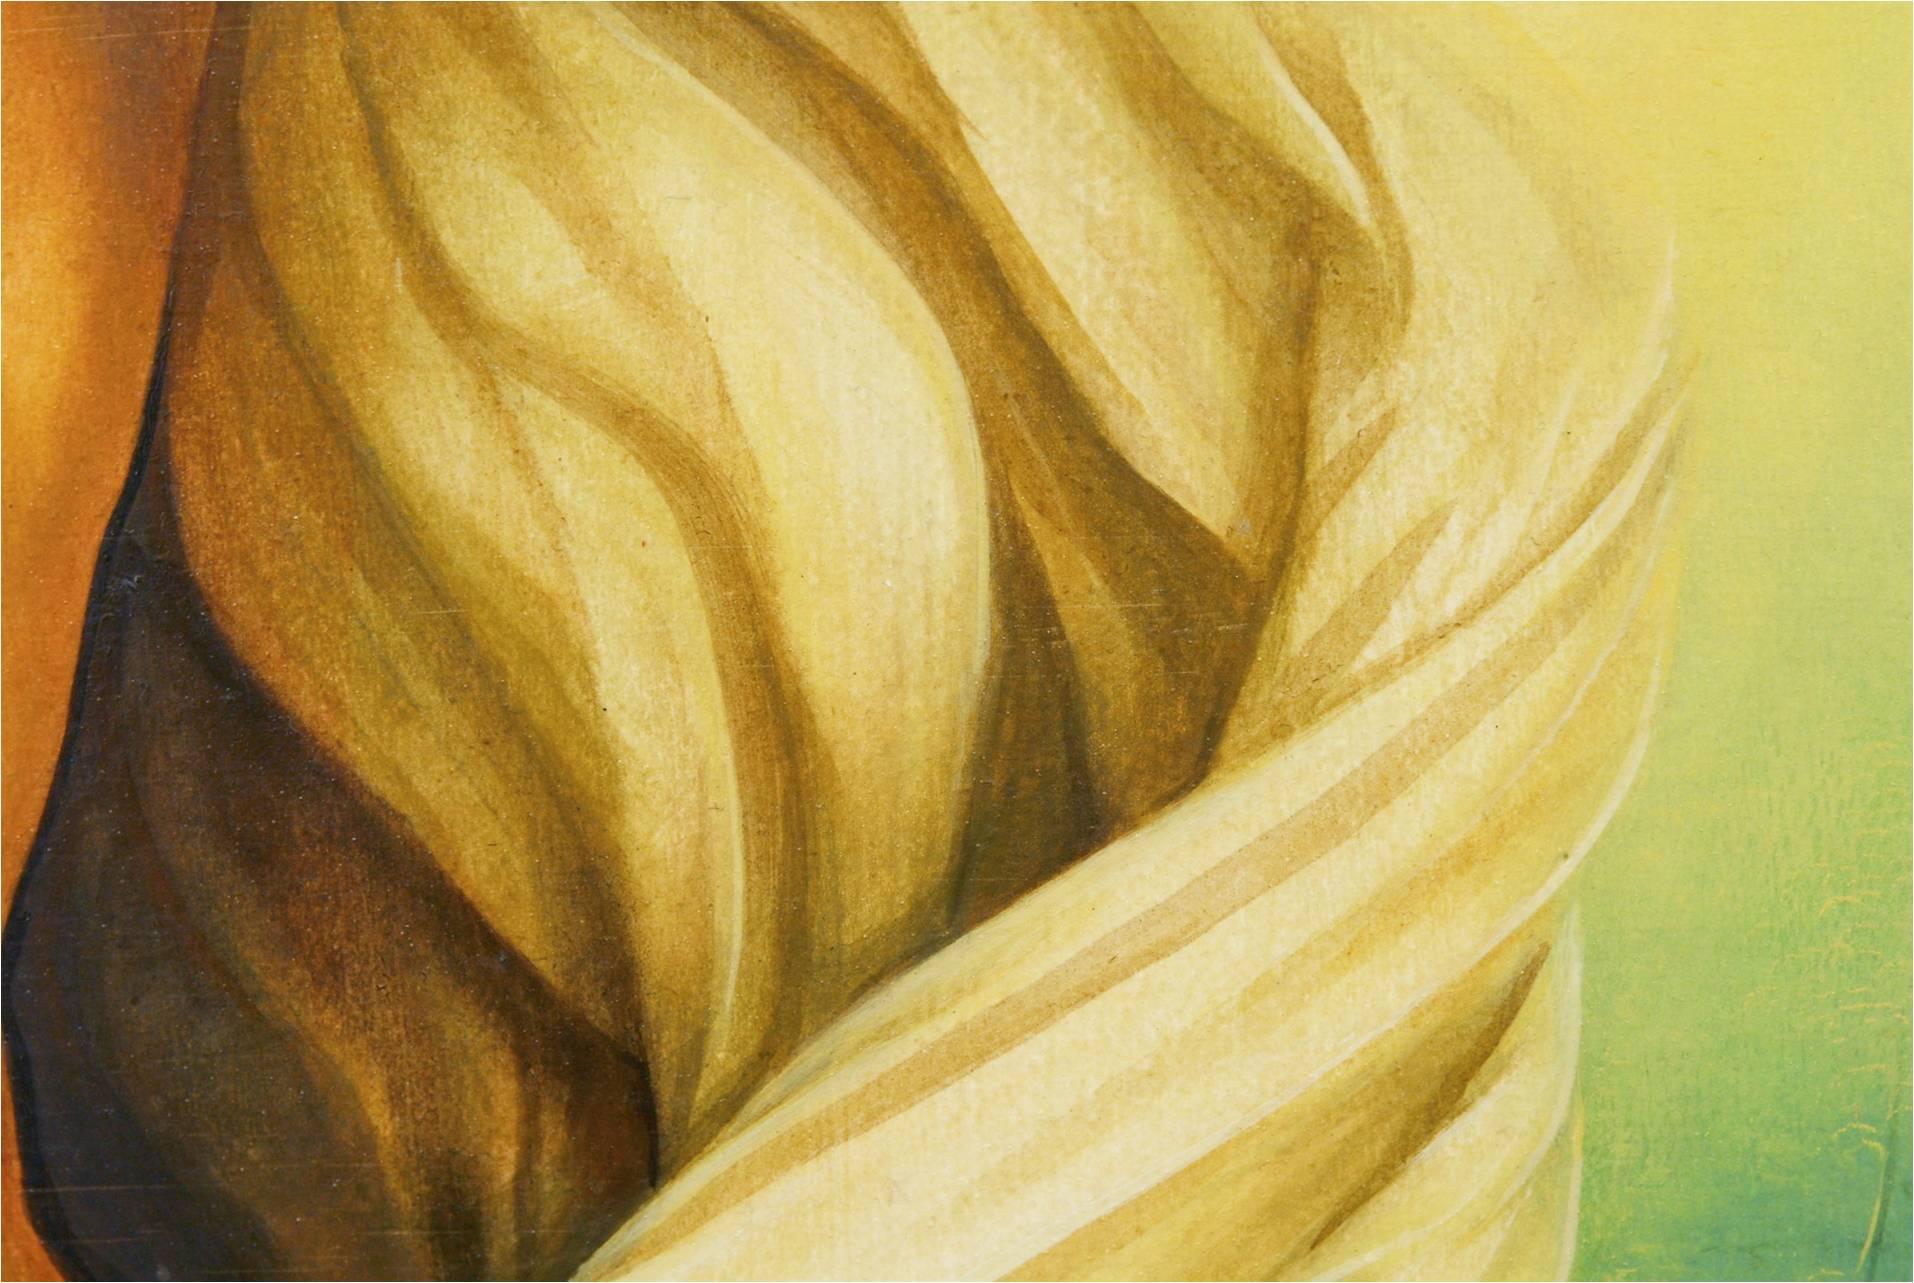 Und mit welchem Schwung steigt Jesus aus dem Grab! Die Tücher, in die Jesus eingewickelt war, verdrehen sich. Sie fallen von ihm ab. Sie betonen die Bewegung, die Jesus macht: aus dem aus dem Grab ans Licht, aus dem Tod ins Leben.